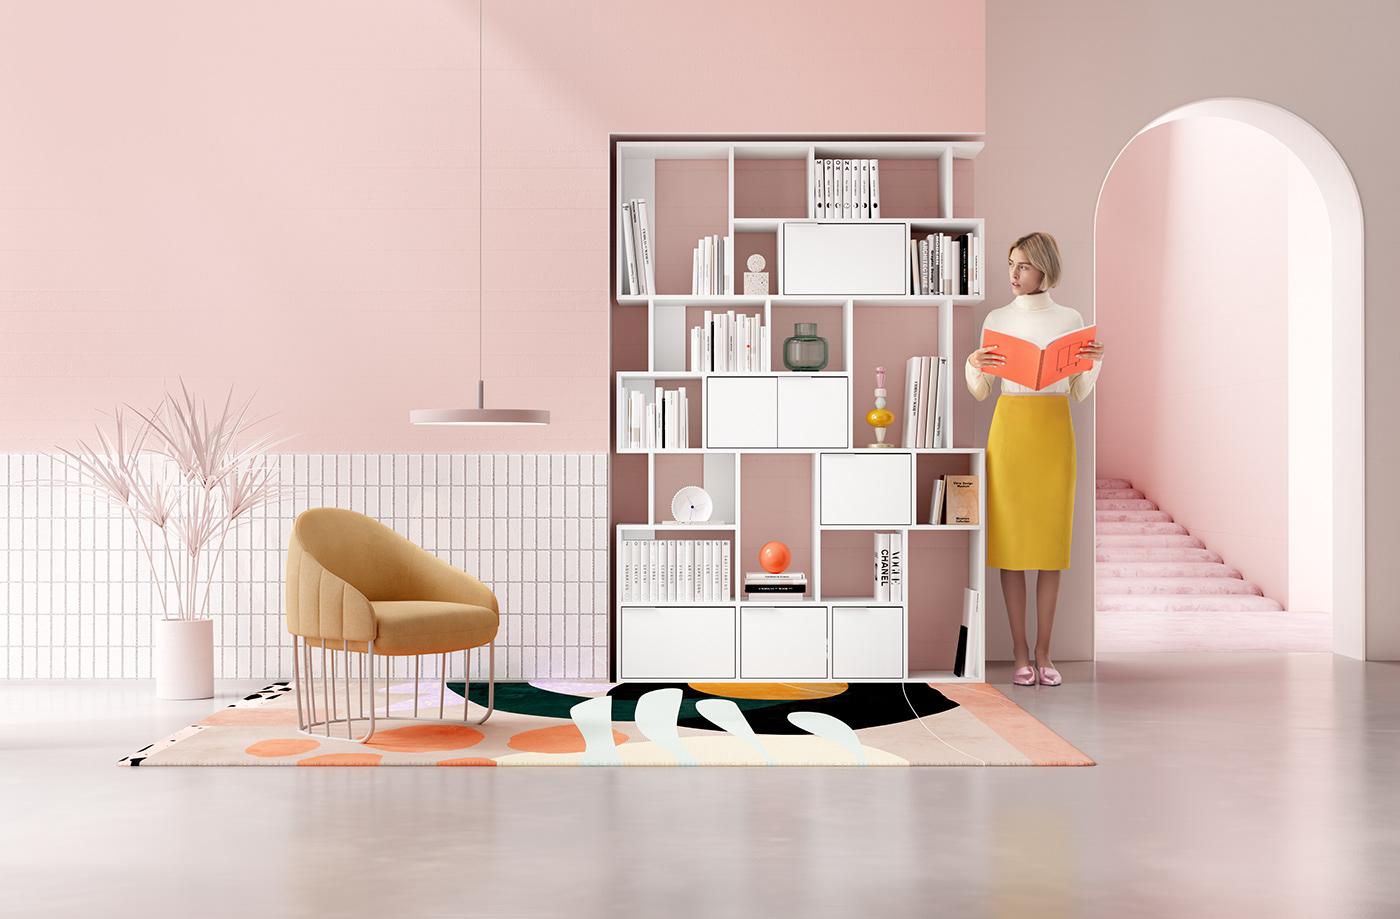 tylko reisinger reisinger andres CGI animation  art direction  interior design  product design  Shelf